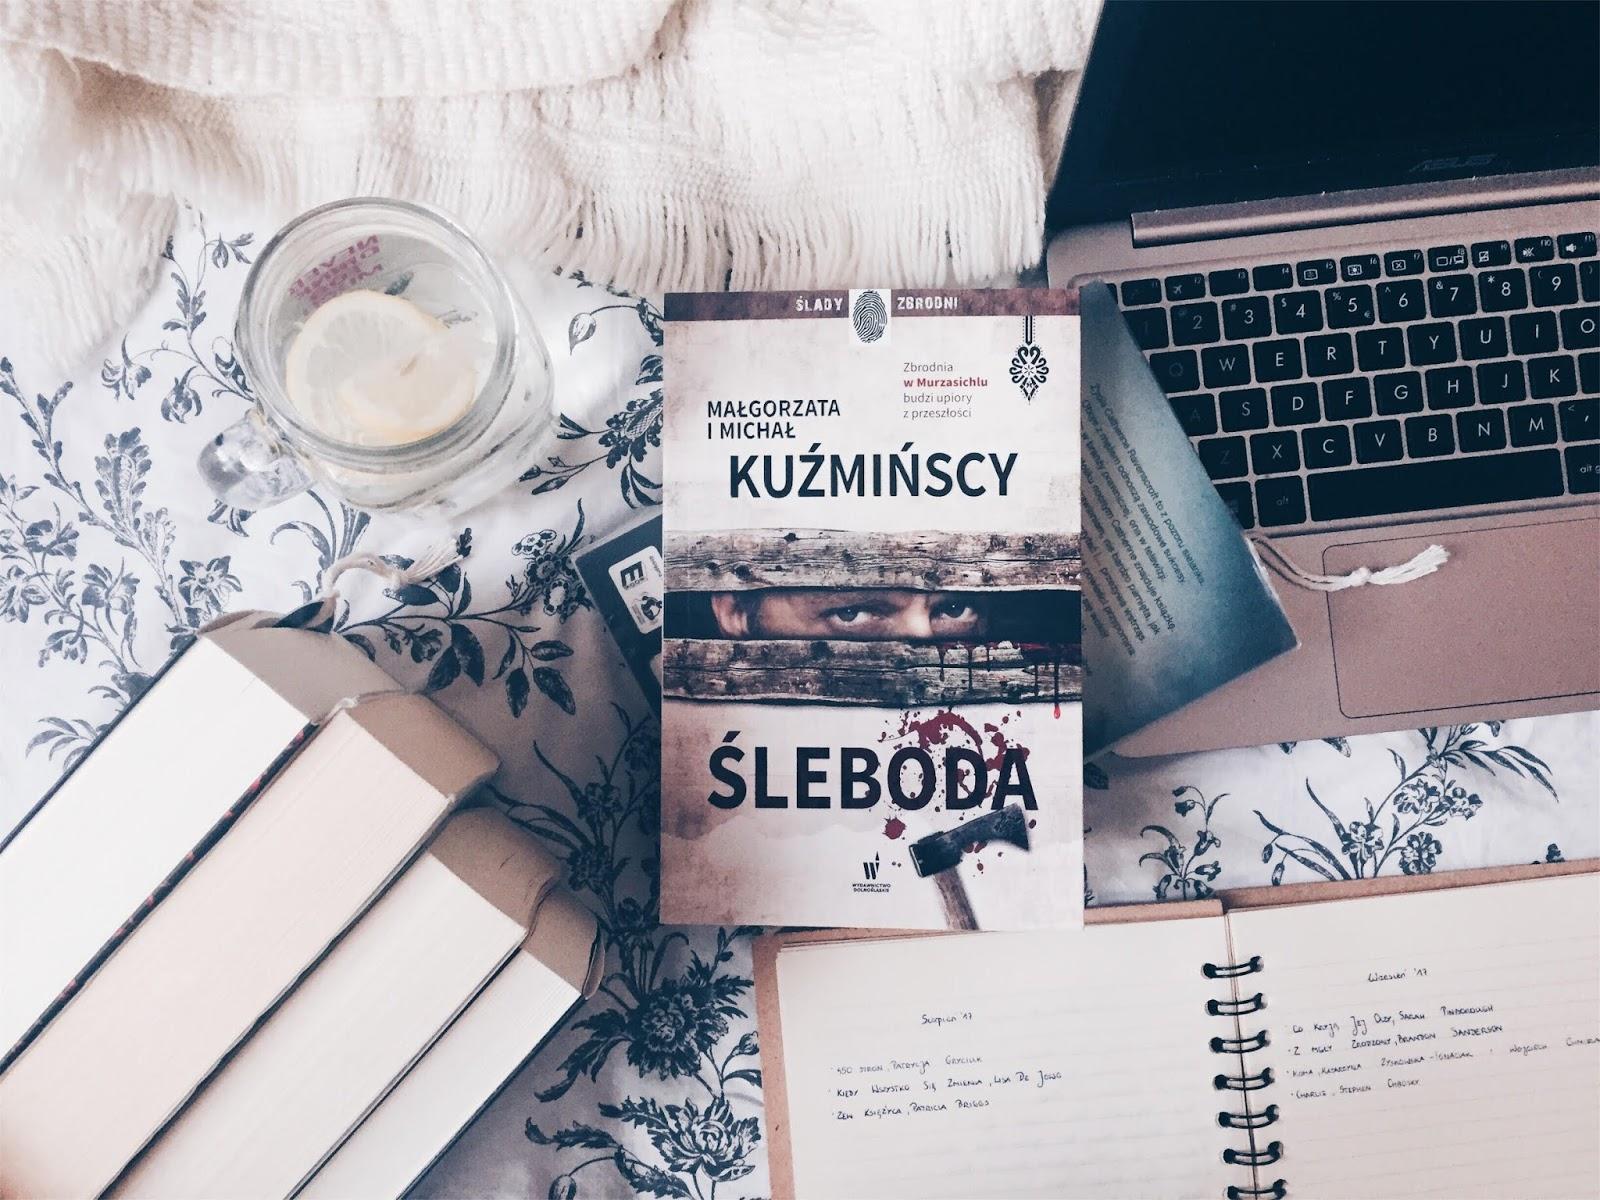 Śleboda, Małgorzata i Michał Kuźmińscy